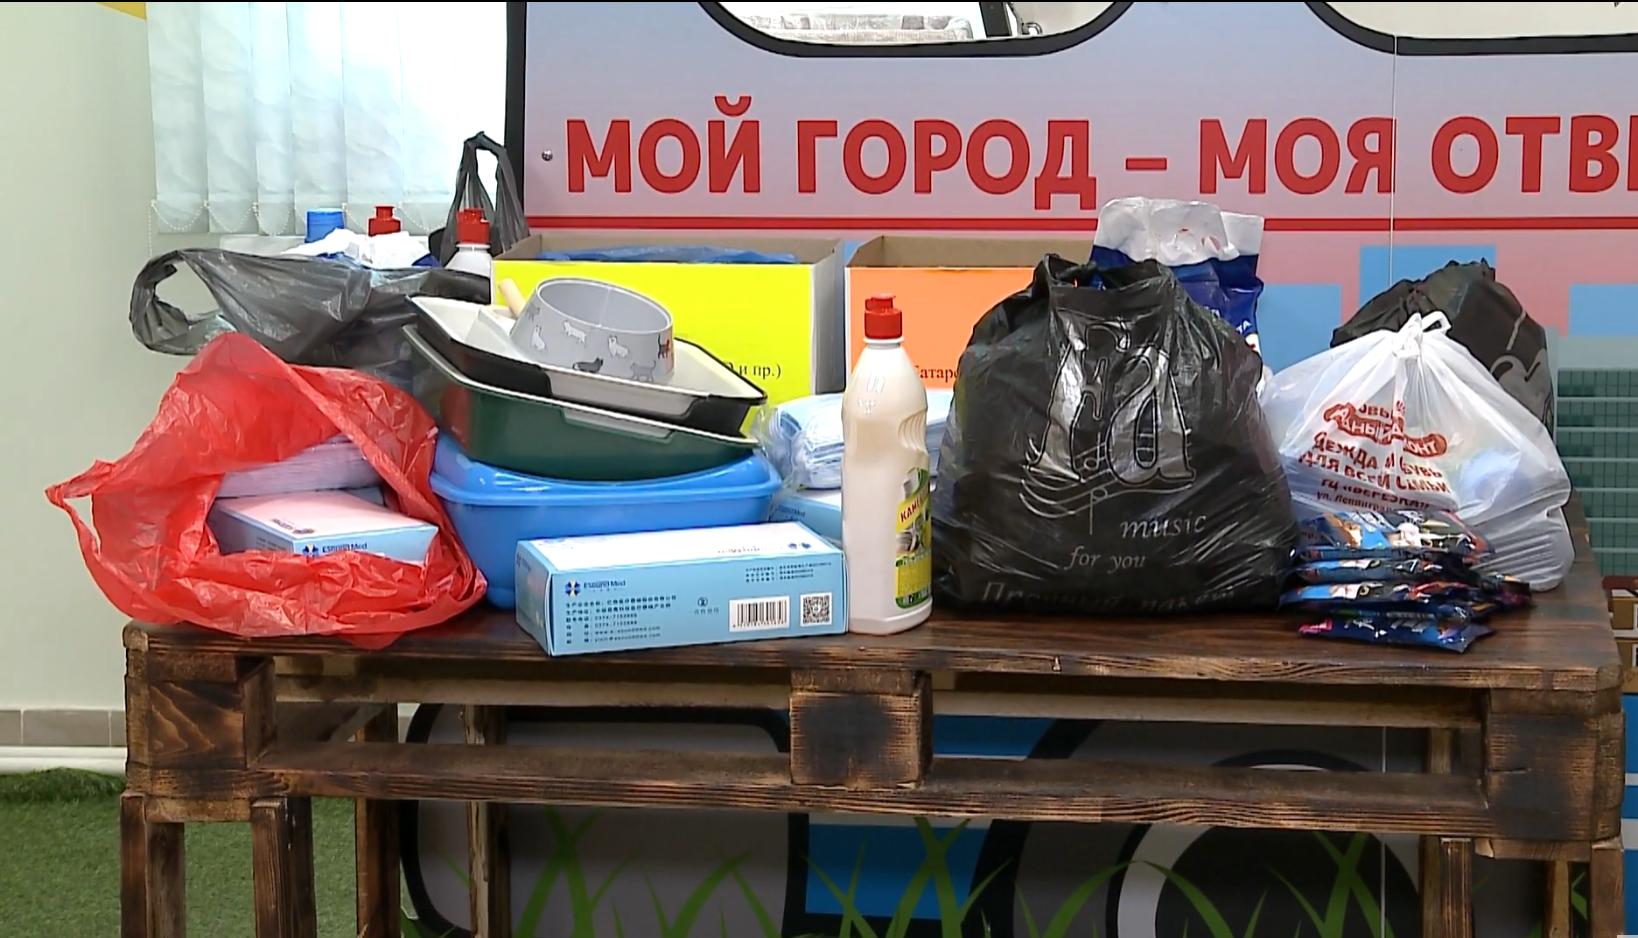 Больше недели в Череповце собирали корма, медикаменты и другие необходимые вещи